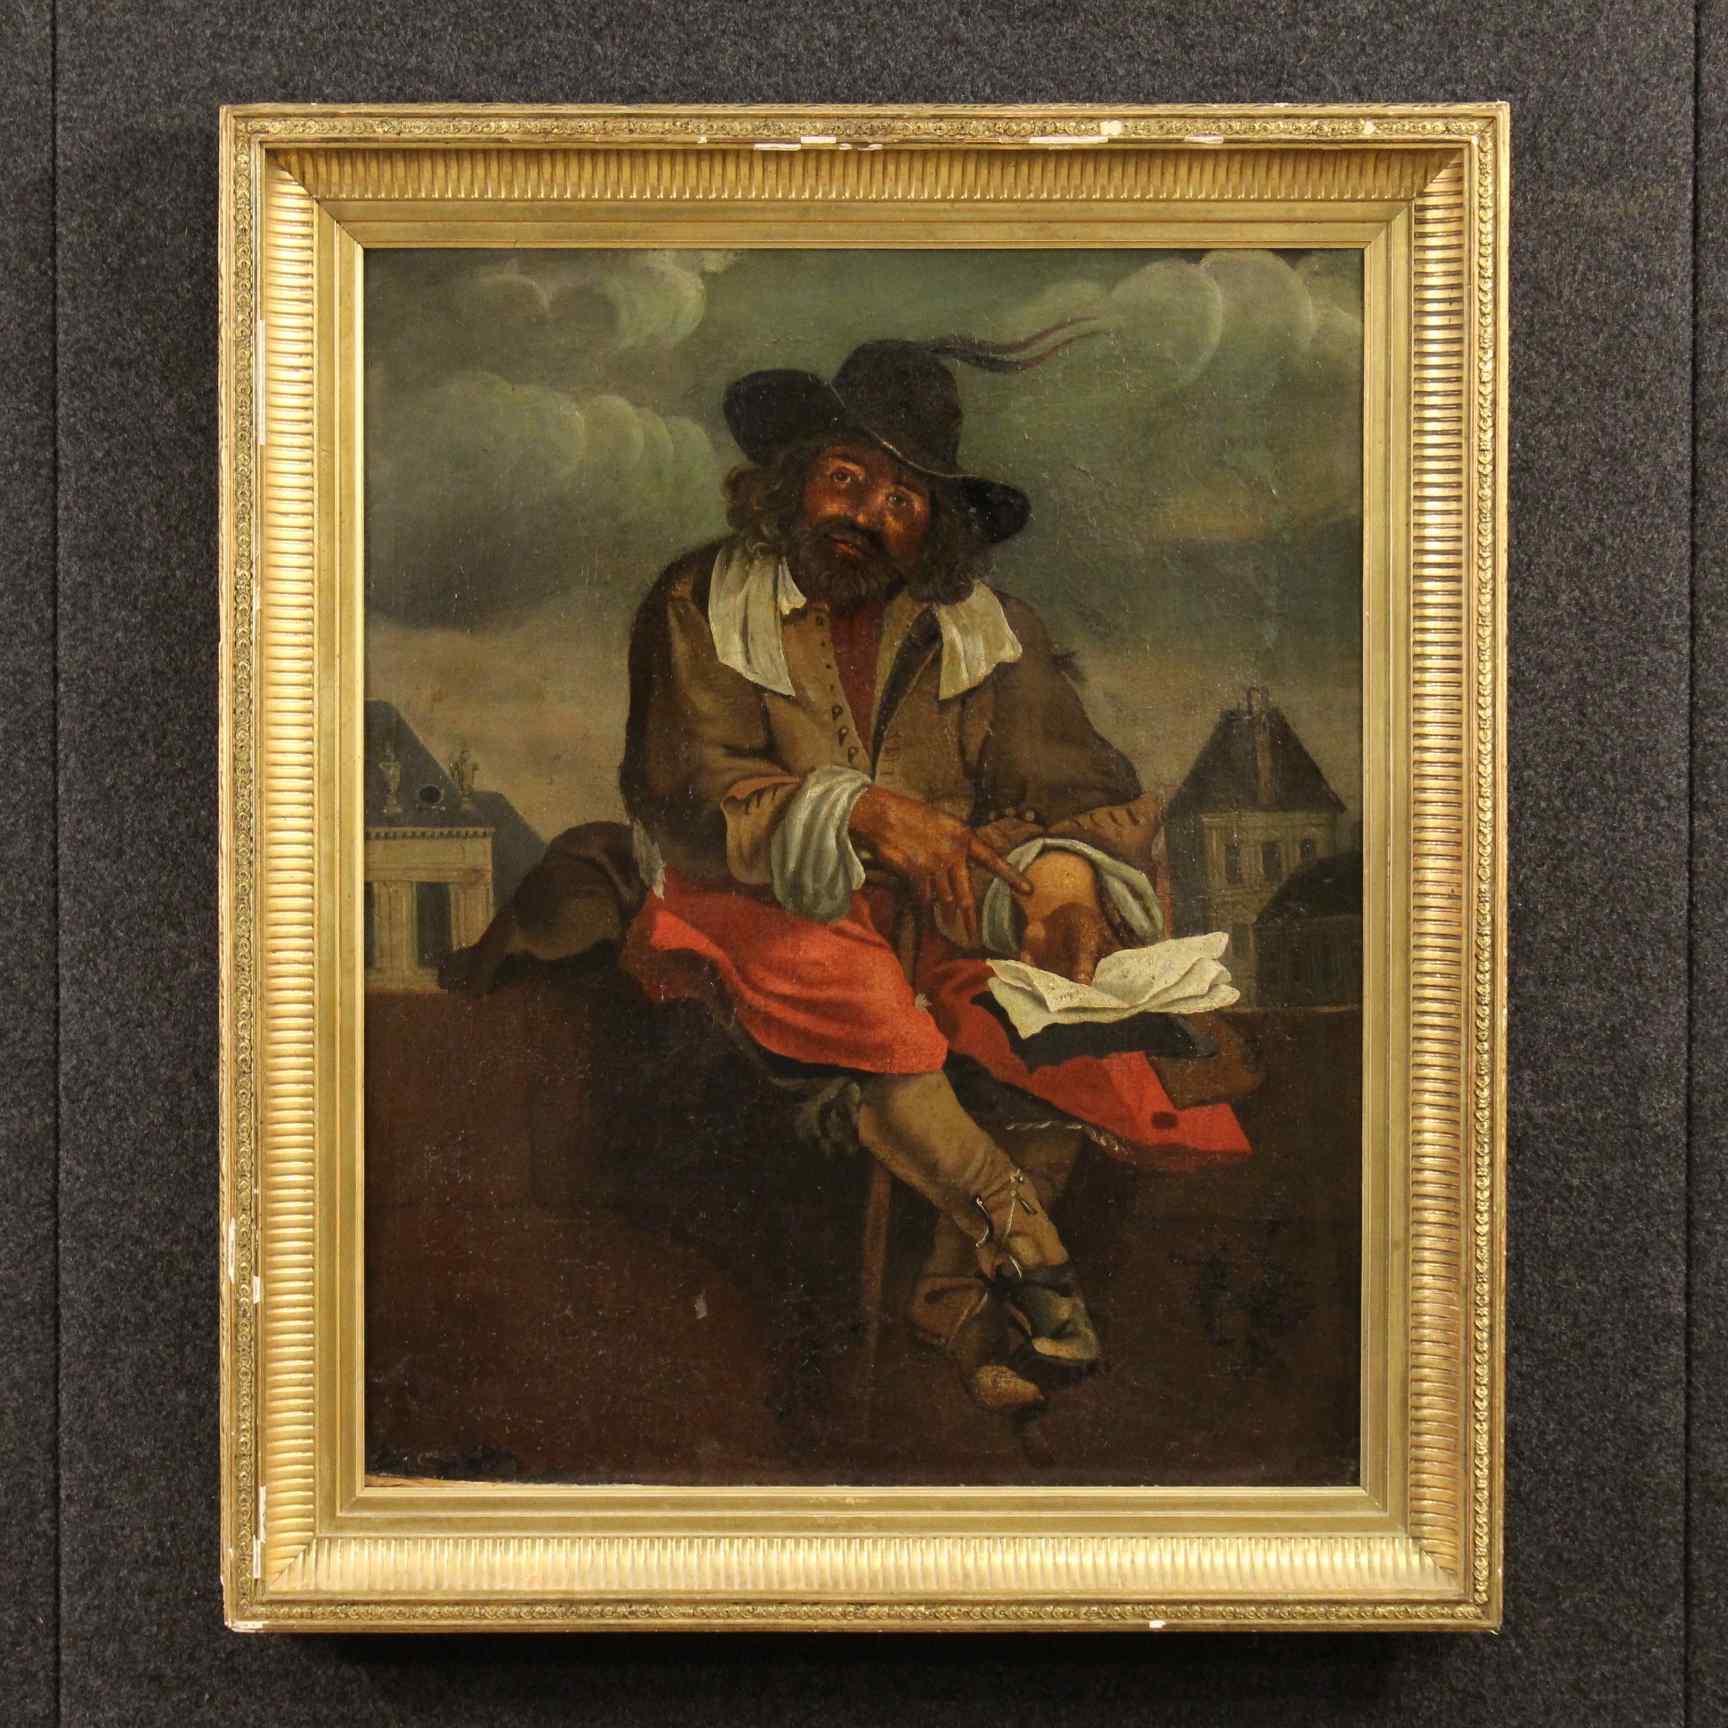 Antico dipinto francese dei primi del XIX secolo